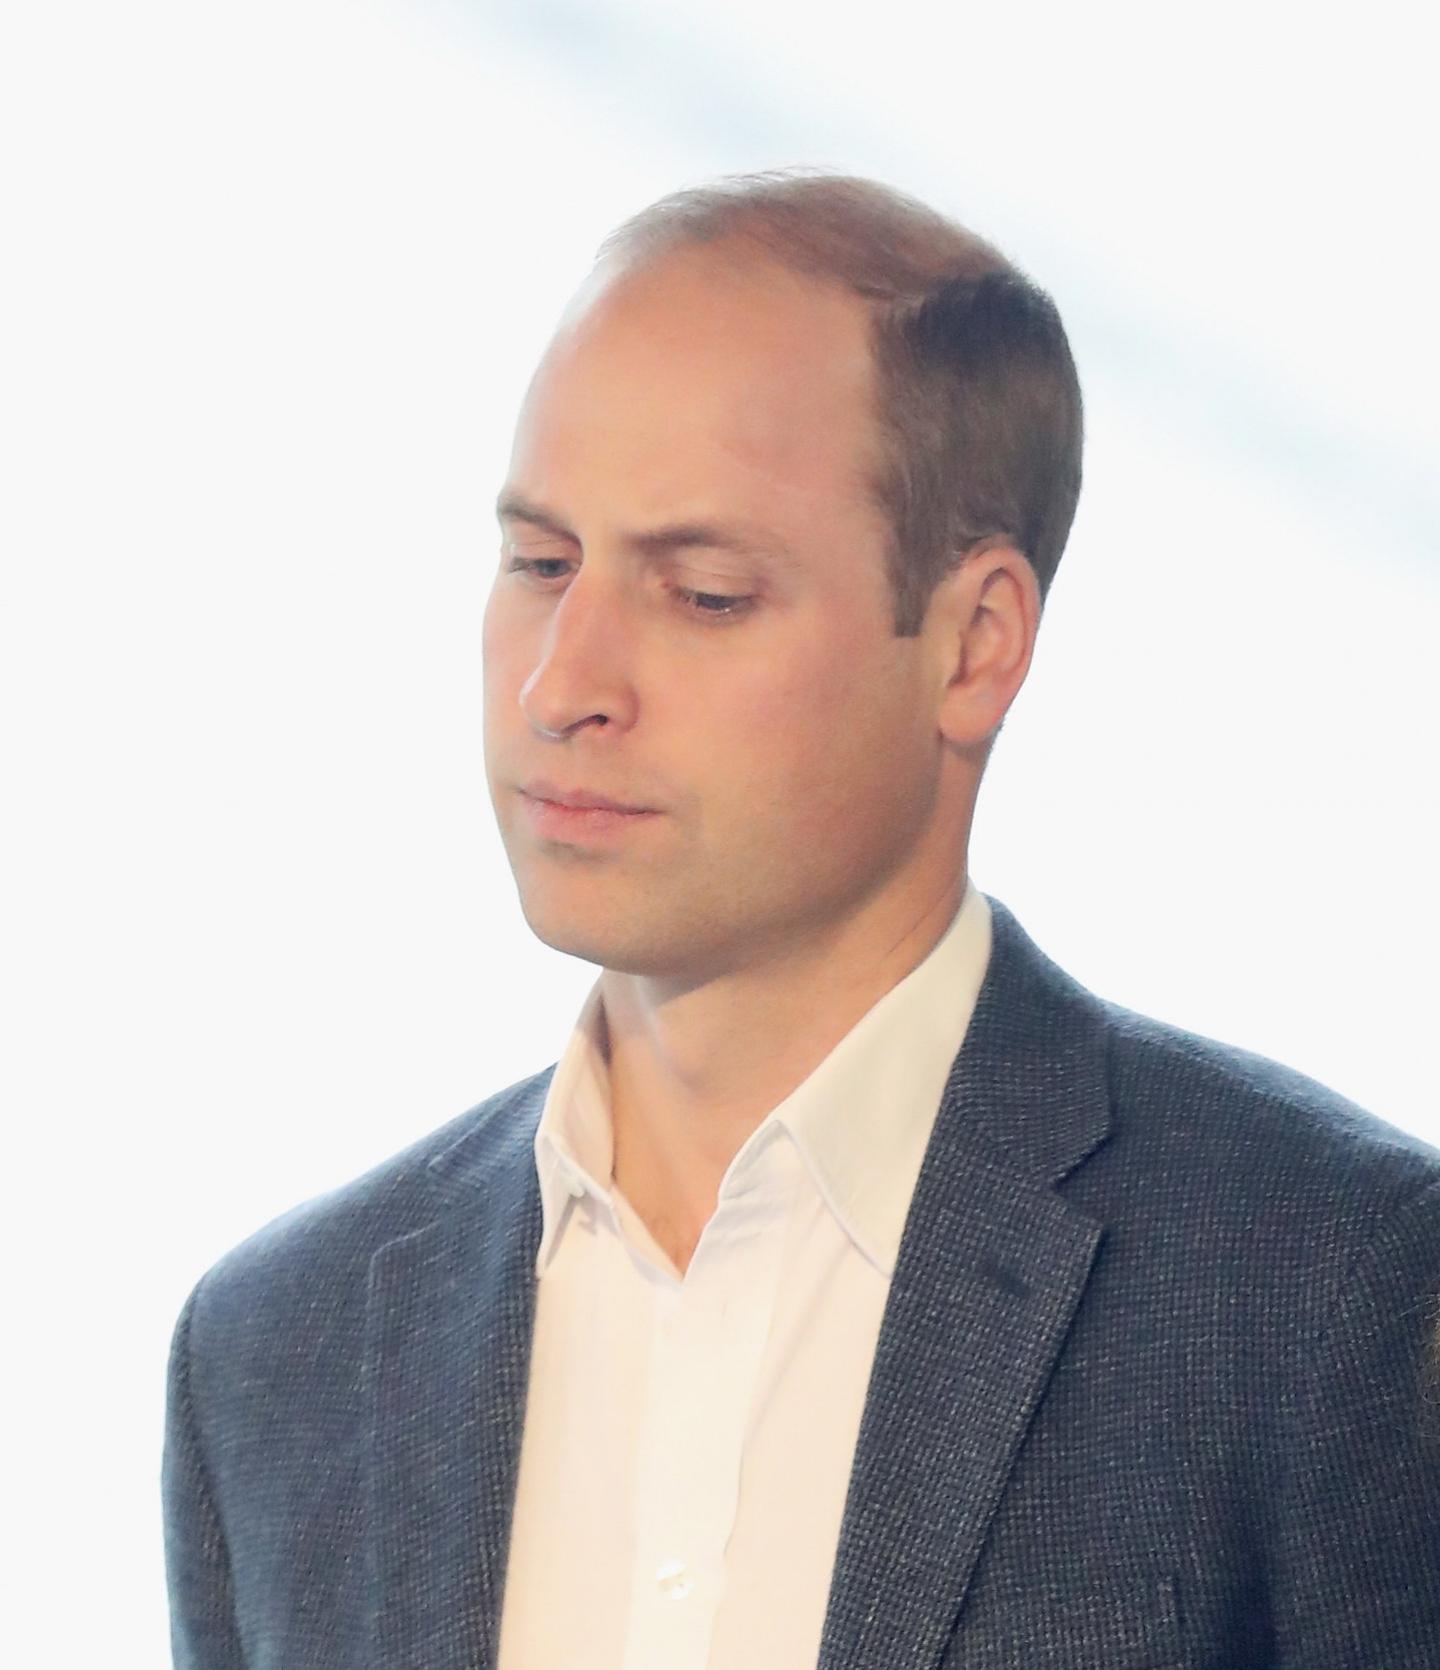 Prinz William wurde erst vor wenigen Wochen zum dritten Mal Vater. Nun riskiert er sein Leben.  ©Getty Images